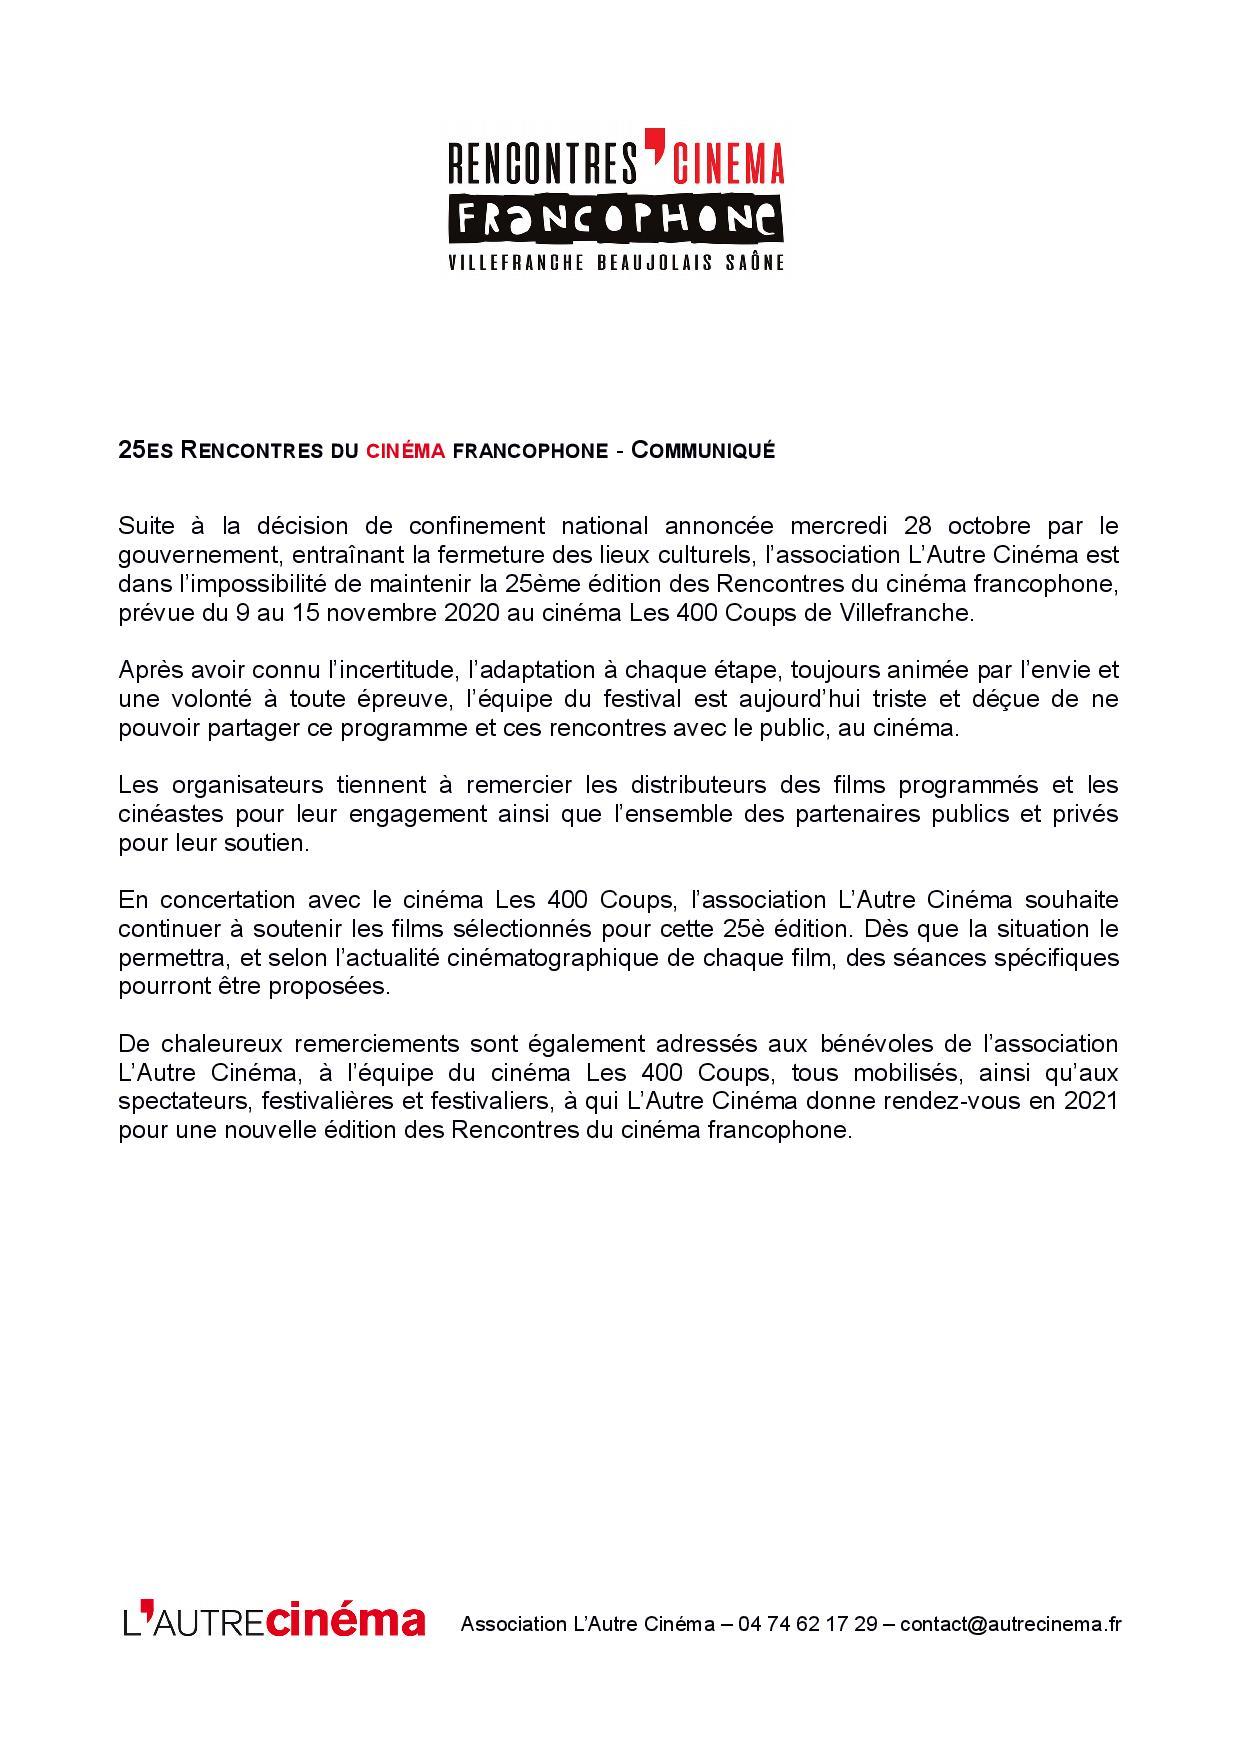 Communiqué - 25es Rencontres du cinéma - 29oct2020-page-001